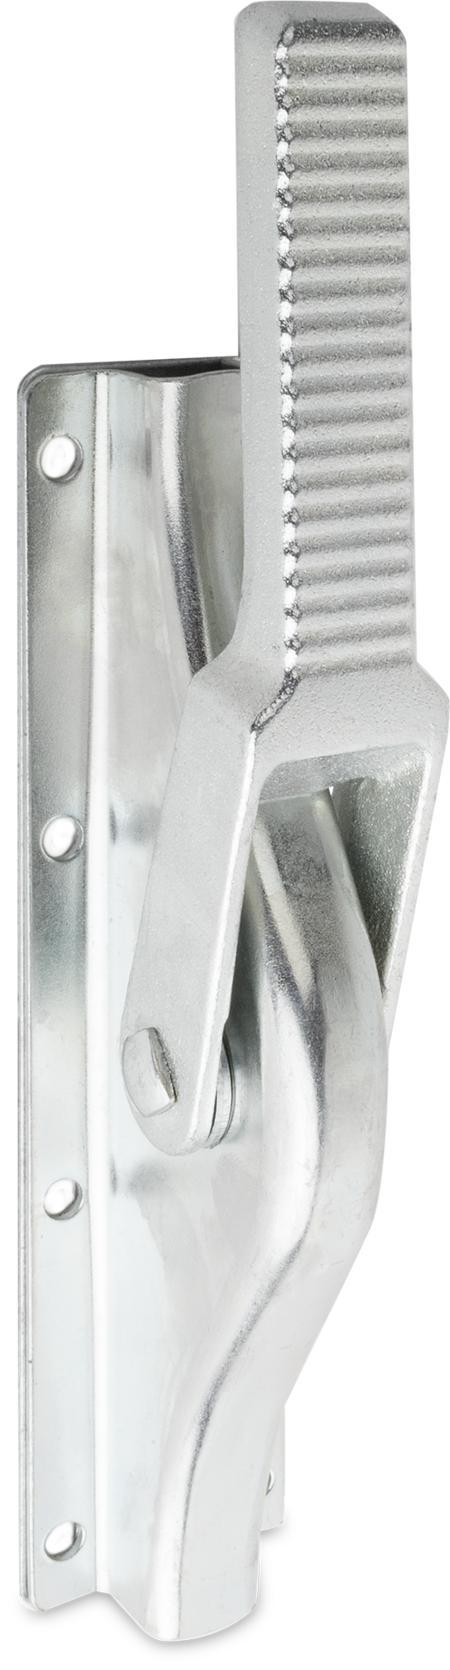 Treibriegel 13 mm galvanisch verzinkt Cb